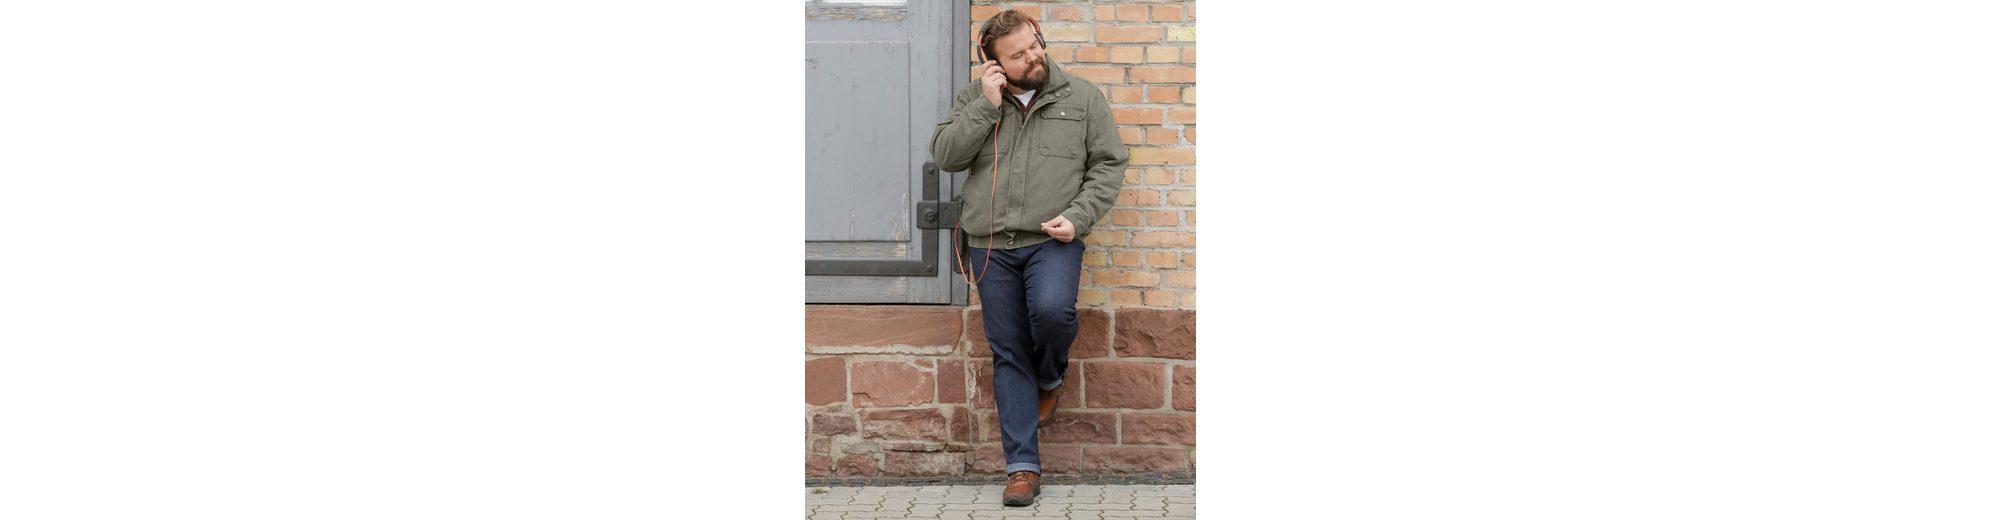 Men Plus by Happy Size Spezial-Bauchschnitt Jacke Spielraum Großer Verkauf Verkauf Große Überraschung Aaa Qualität gvp7f6ld